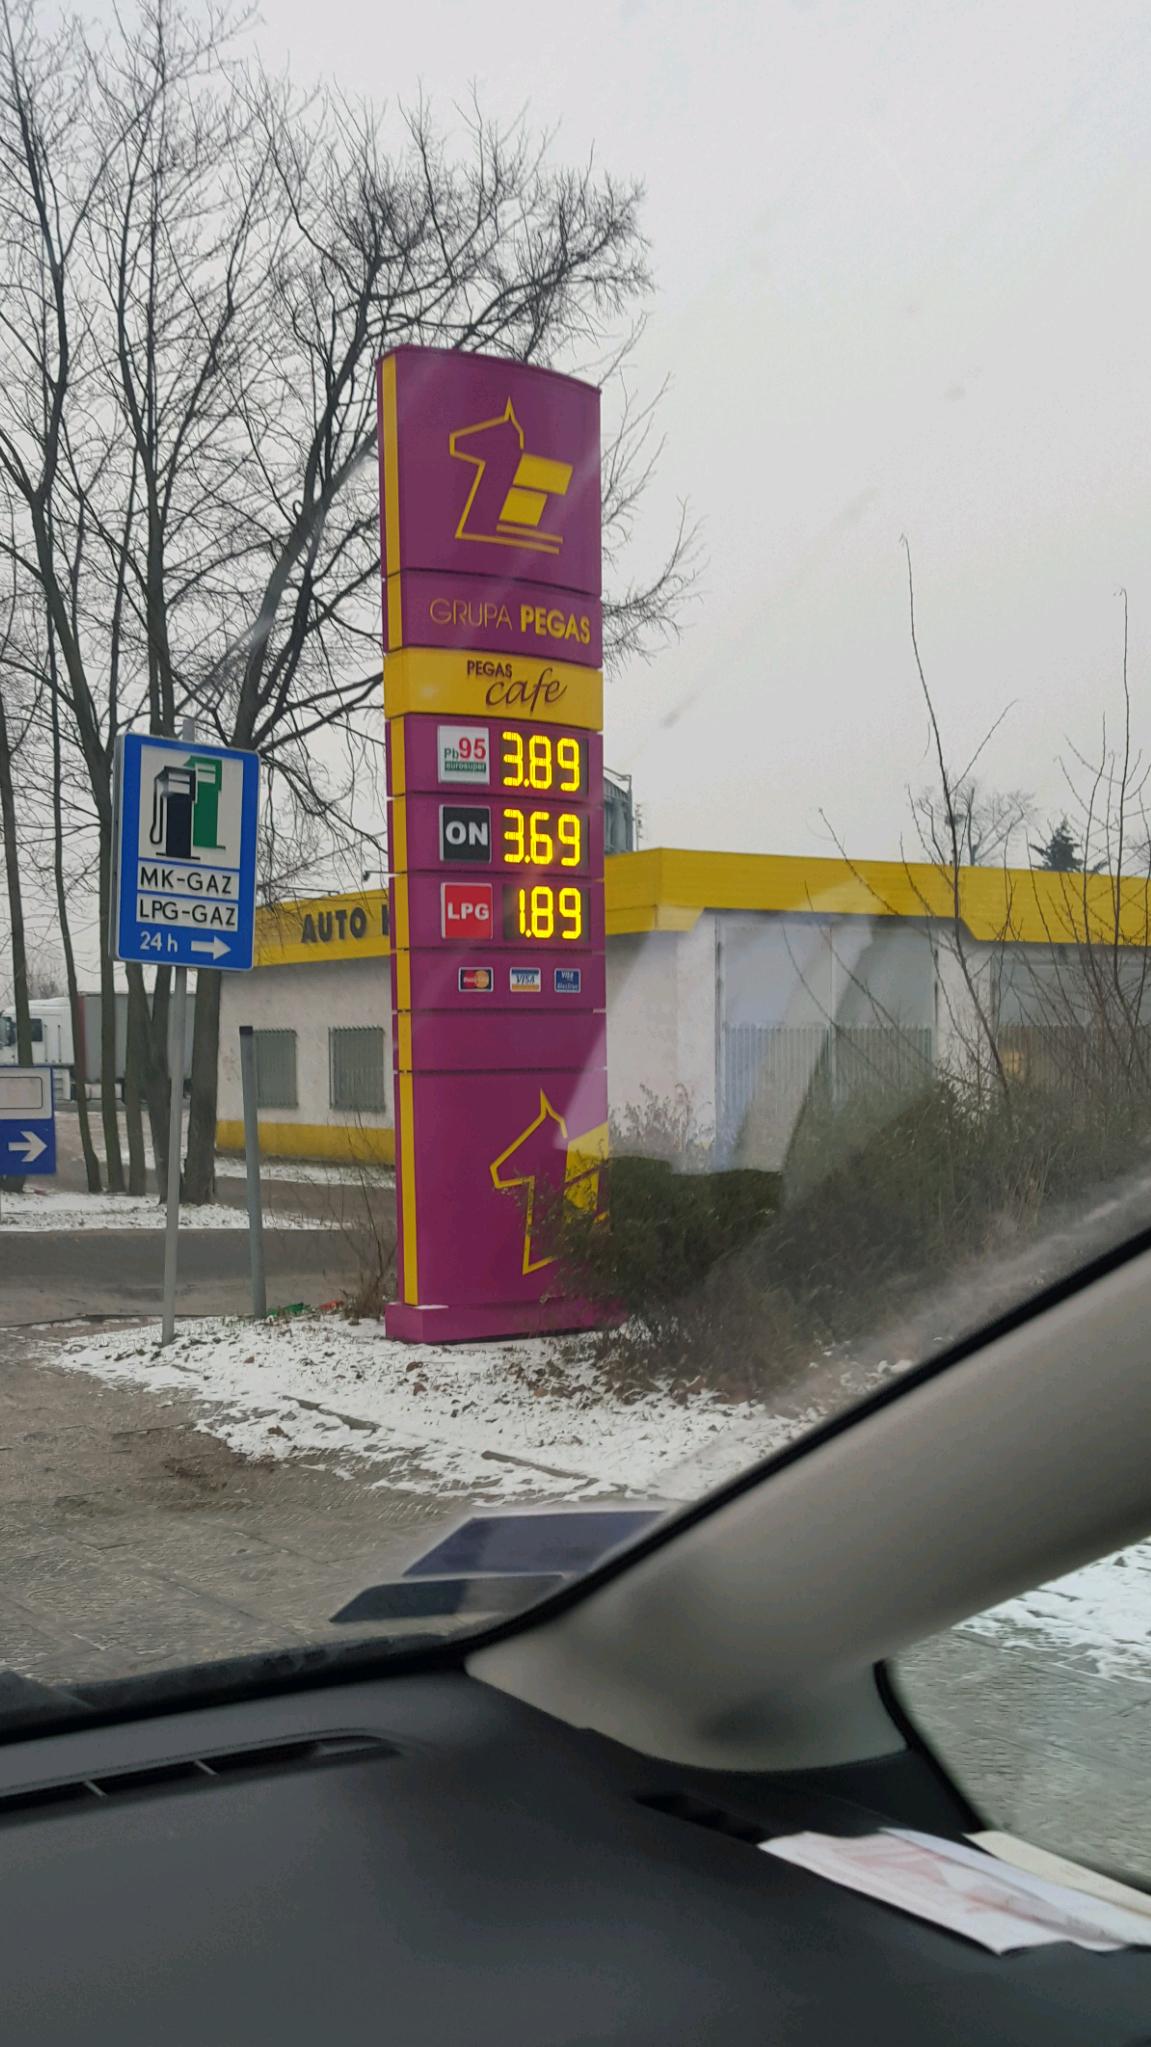 On 3.69  95 3.89 LPG 1.89 Poznan ul Juraszów